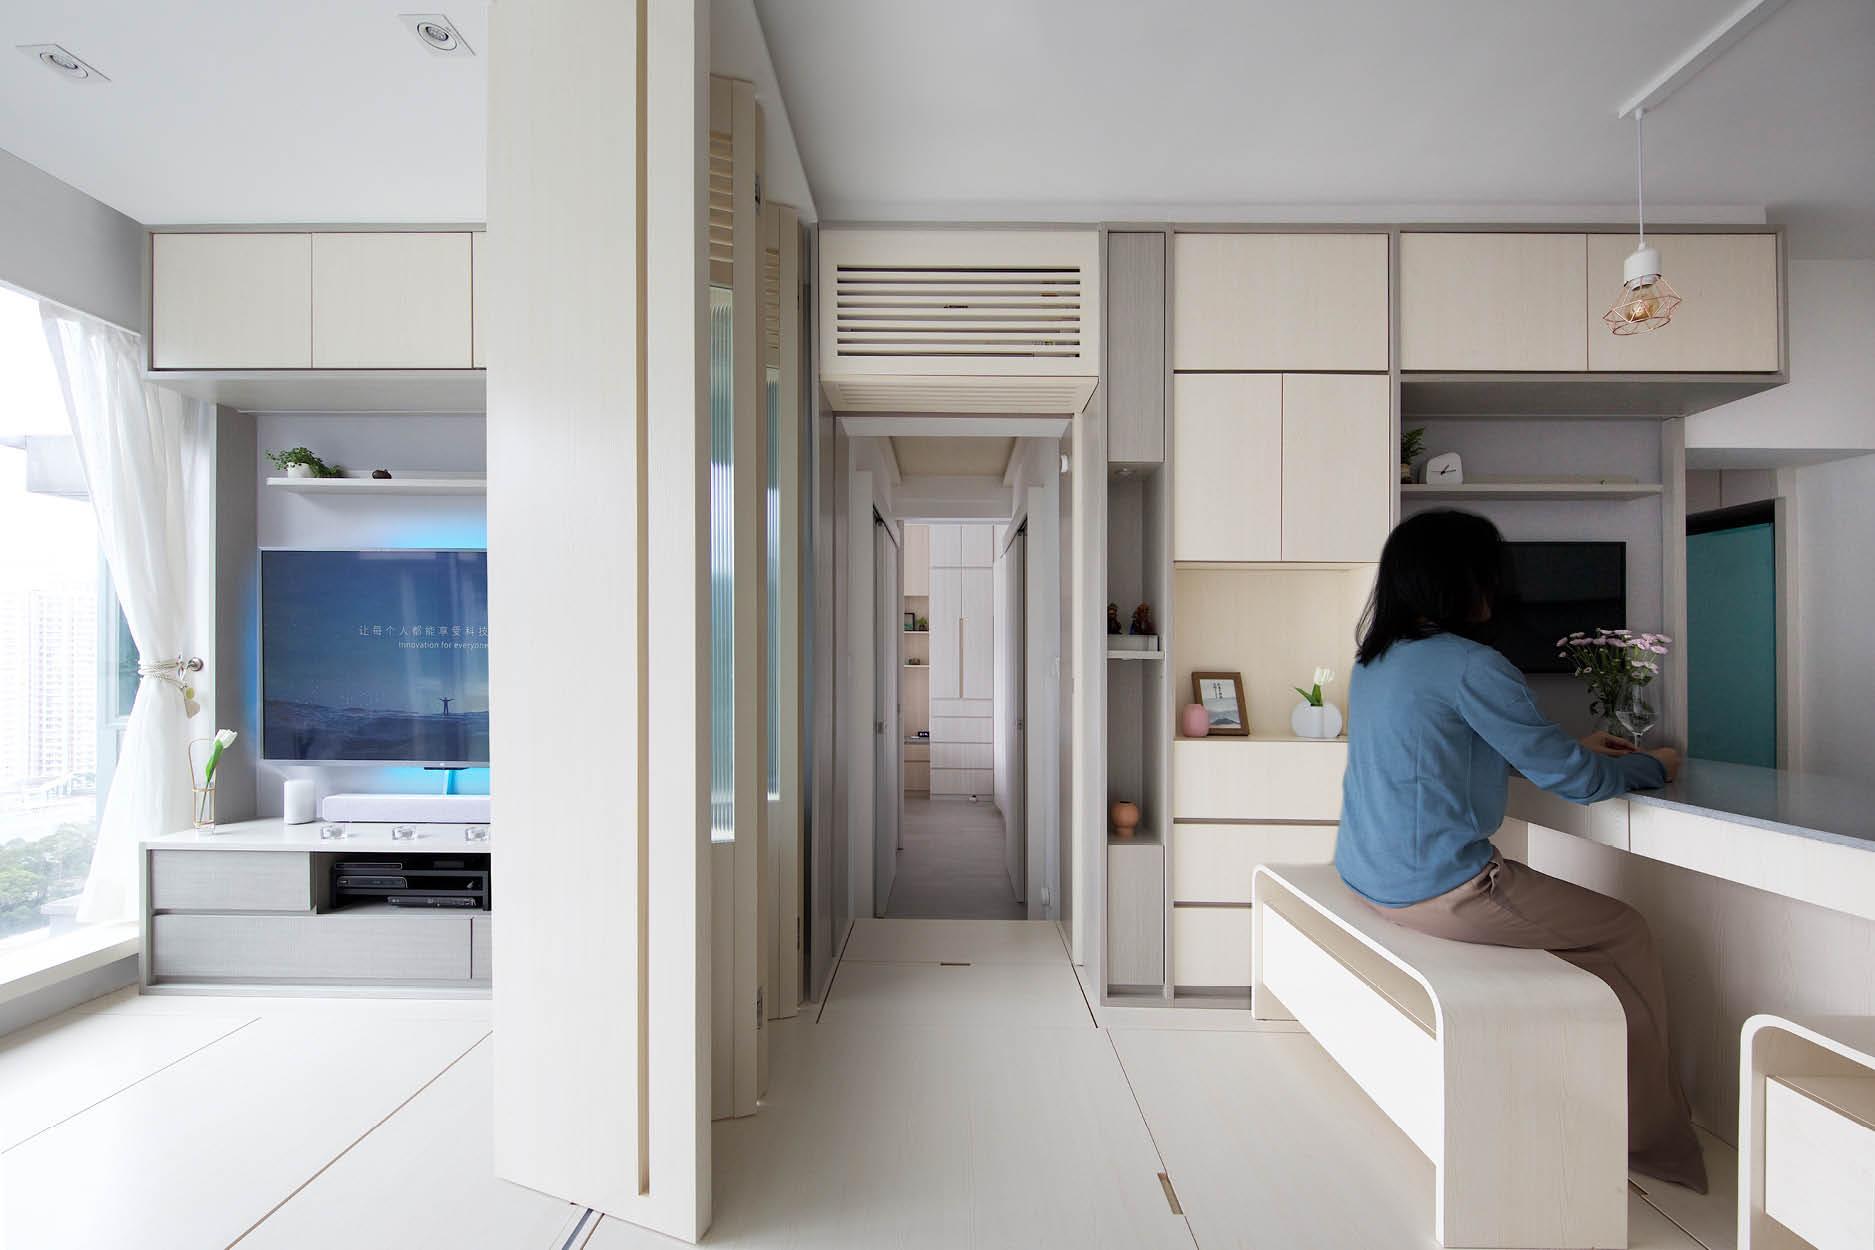 Căn hộ 45m² với mẹo bố trí hợp phong thủy giúp không gian thêm vượng khí, vợ chồng thêm thuận hòa  - Ảnh 6.